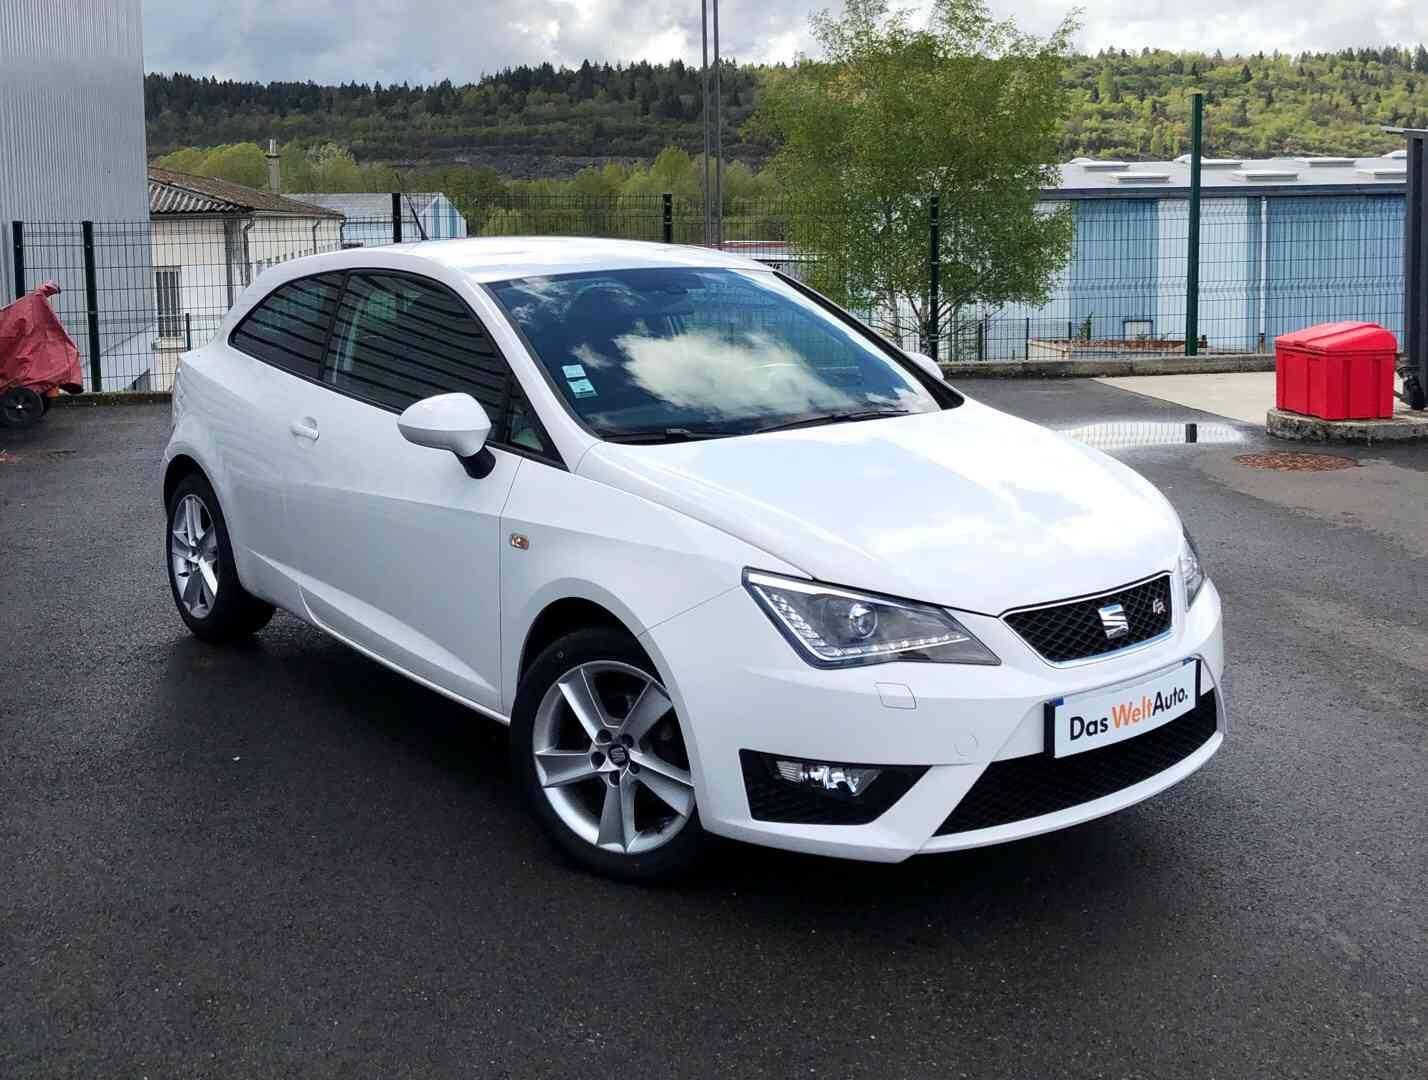 1 - Ibiza 1.2 TSI 105 ch